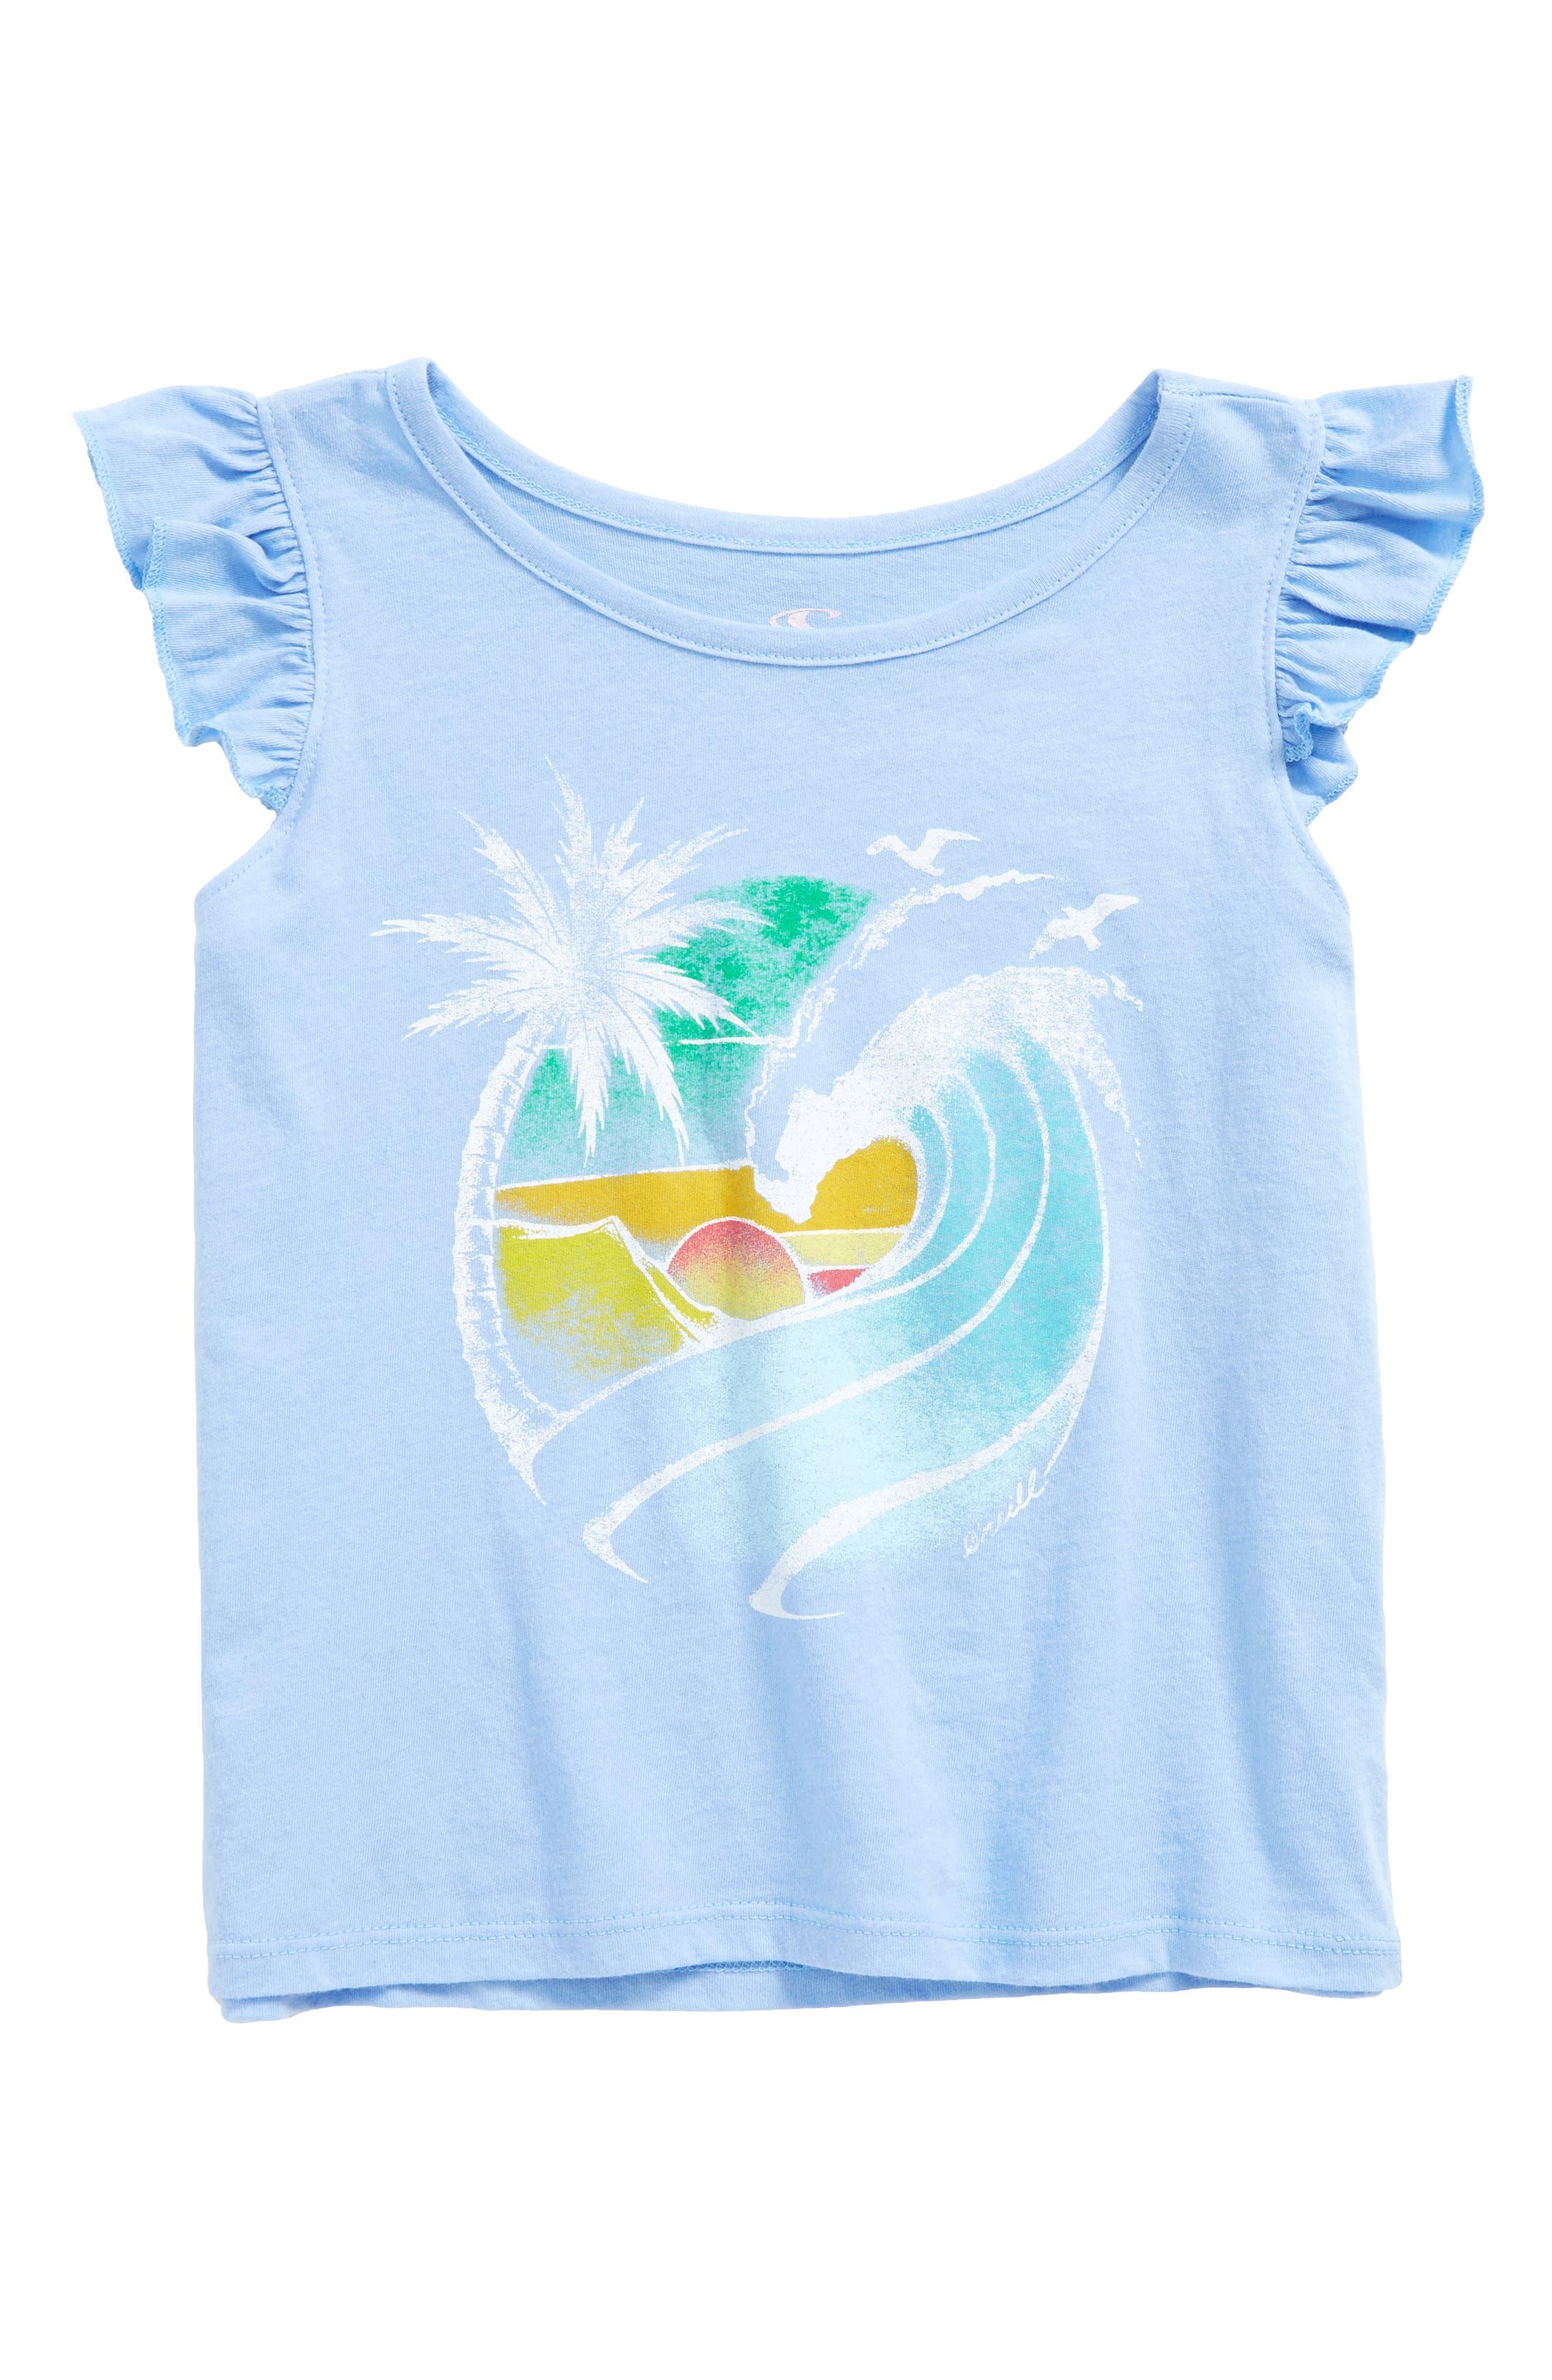 O'Neill Beach Dreams Graphic Tee (Toddler Girls & Little Girls)